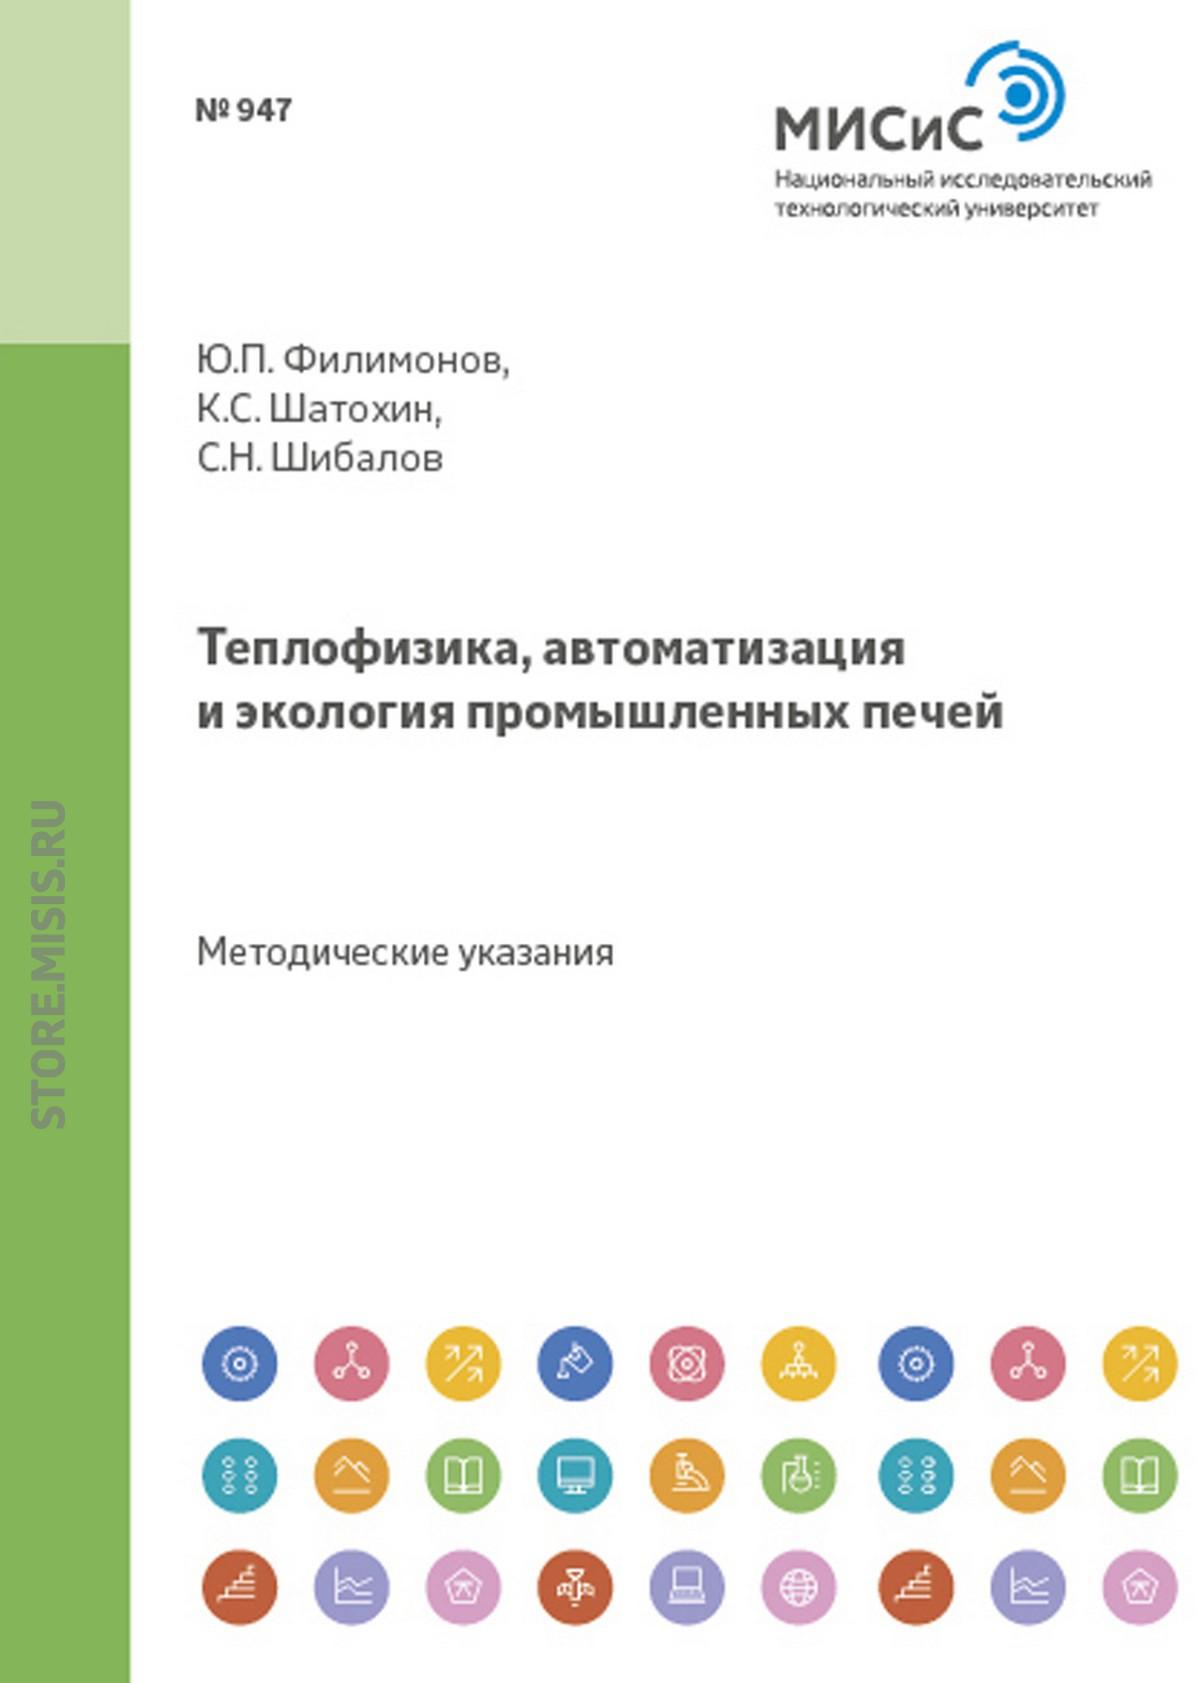 К. С. Шатохин Теплофизика, автоматизация и экология промышленных печей сергей крупенников теплофизика и теплотехника теплофизика